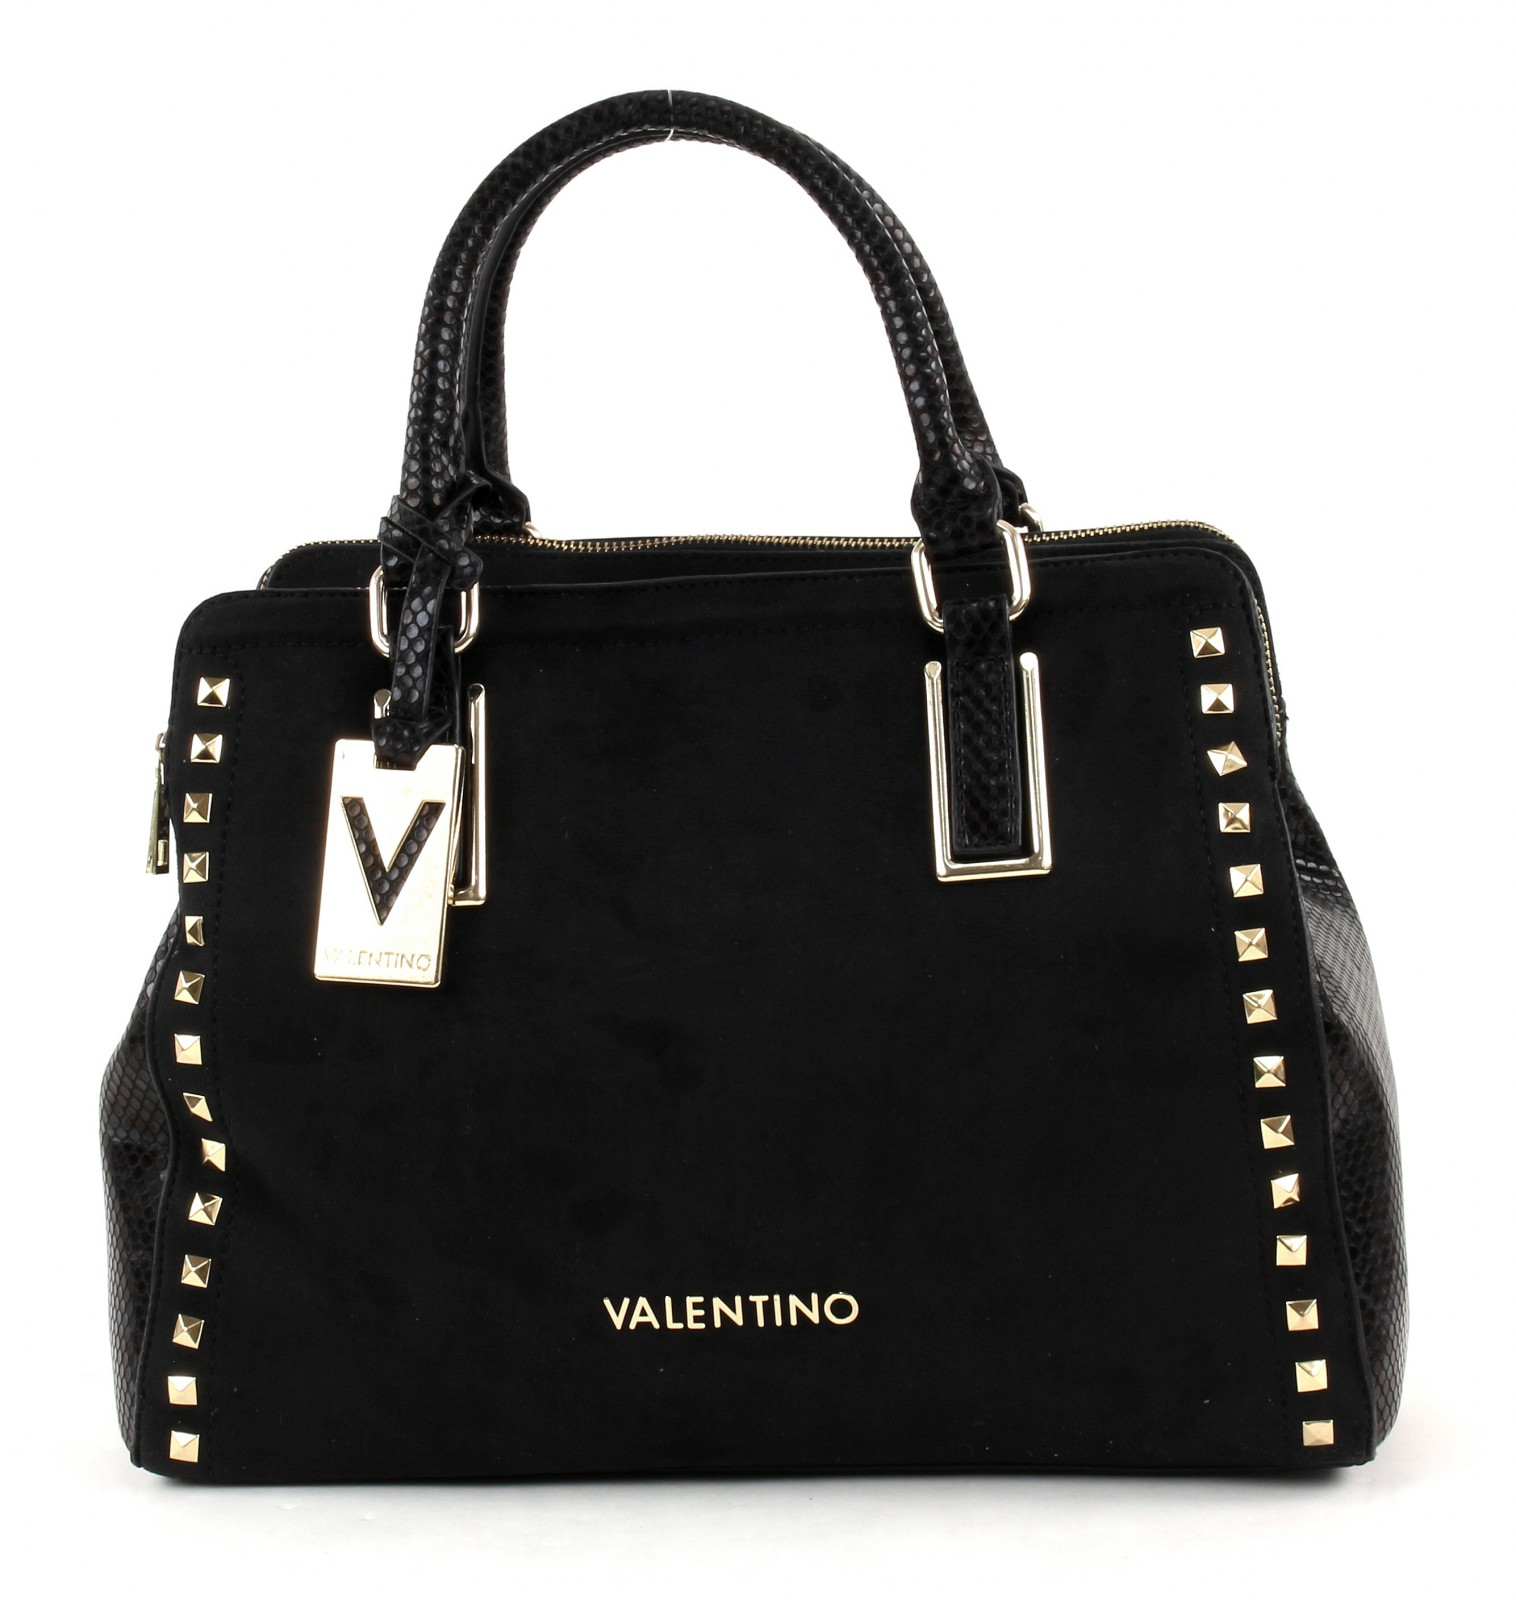 valentino luxor lady bag tasche schultertasche handtasche. Black Bedroom Furniture Sets. Home Design Ideas